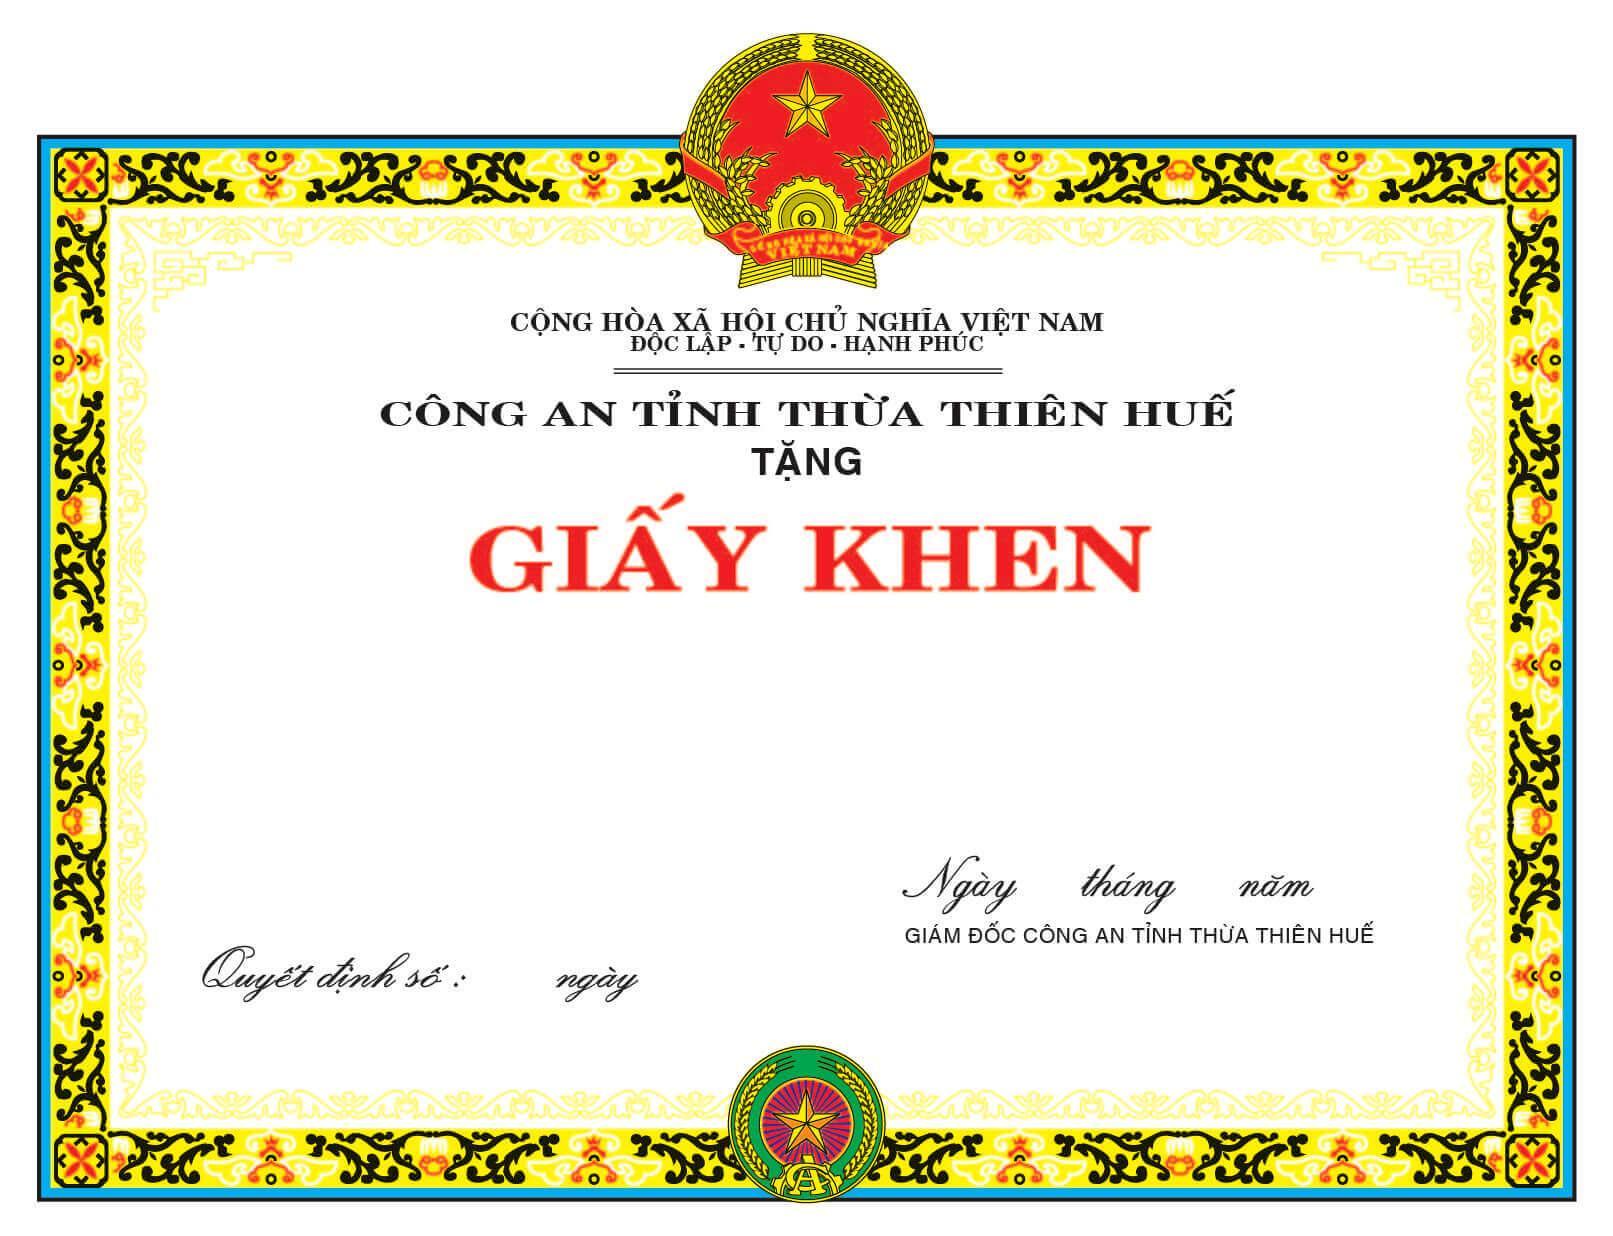 Mẫu giấy khen 011 - mẫu giấy khen - Link Download : https://adsnew.net/LeLU